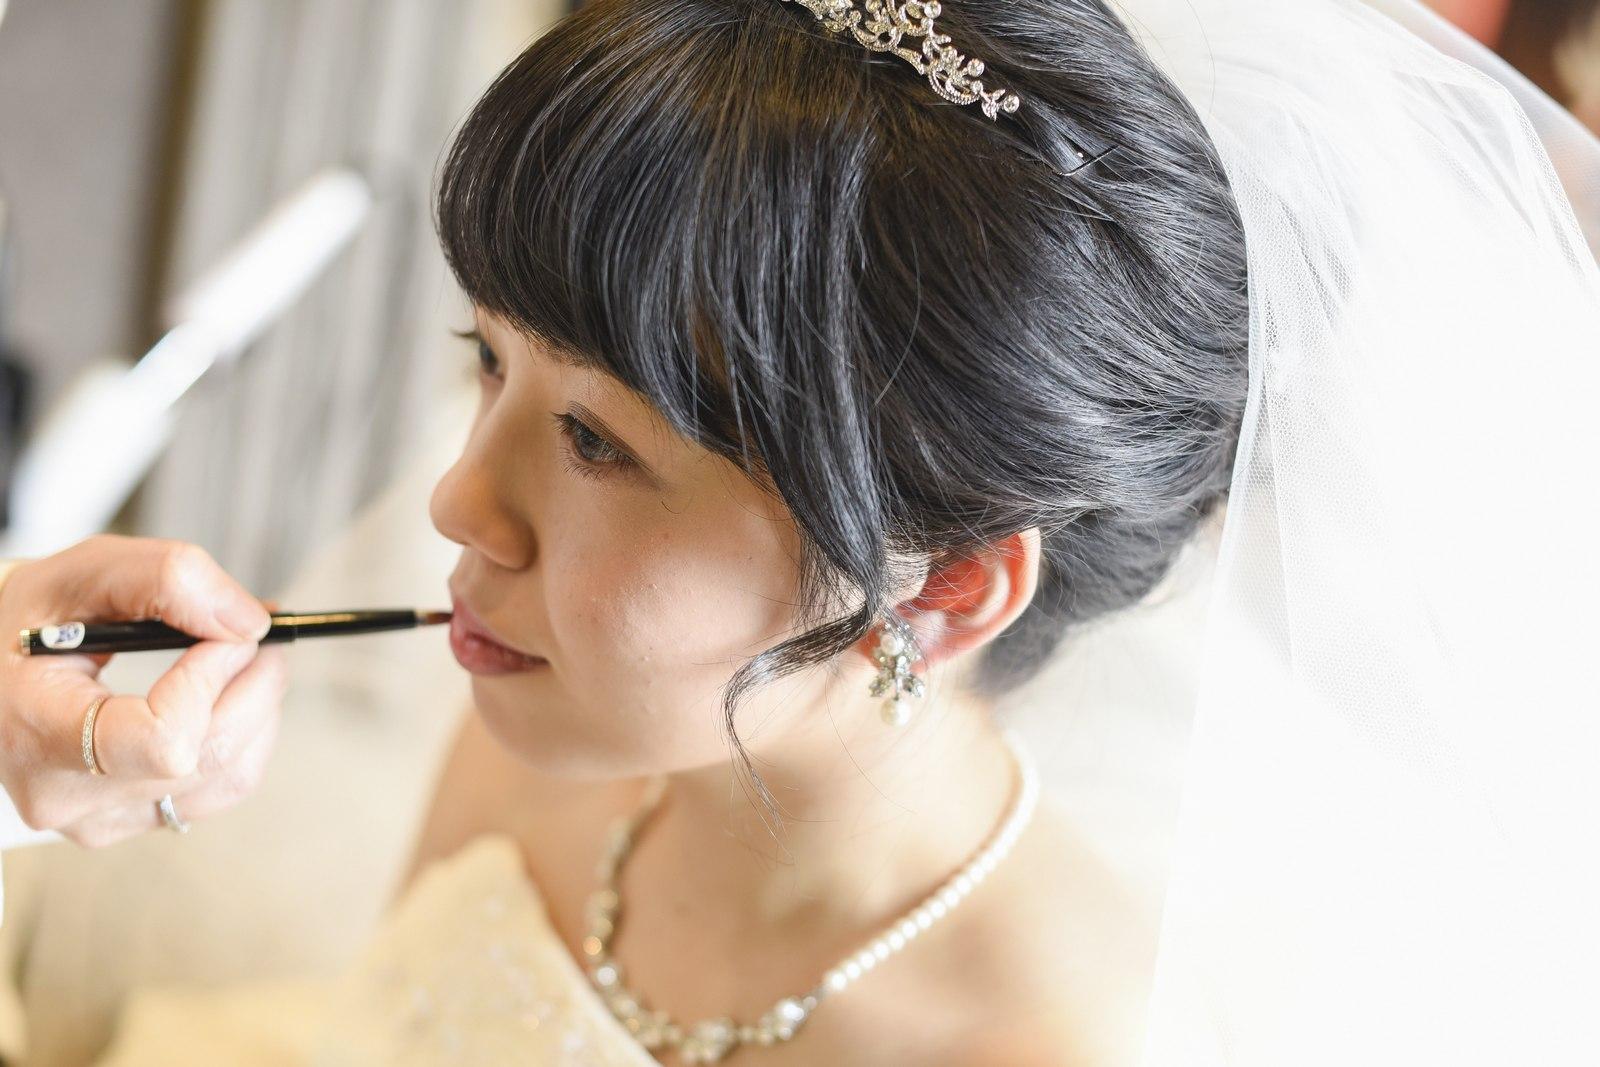 徳島市の結婚式場ブランアンジュの控室でメイクをする新婦